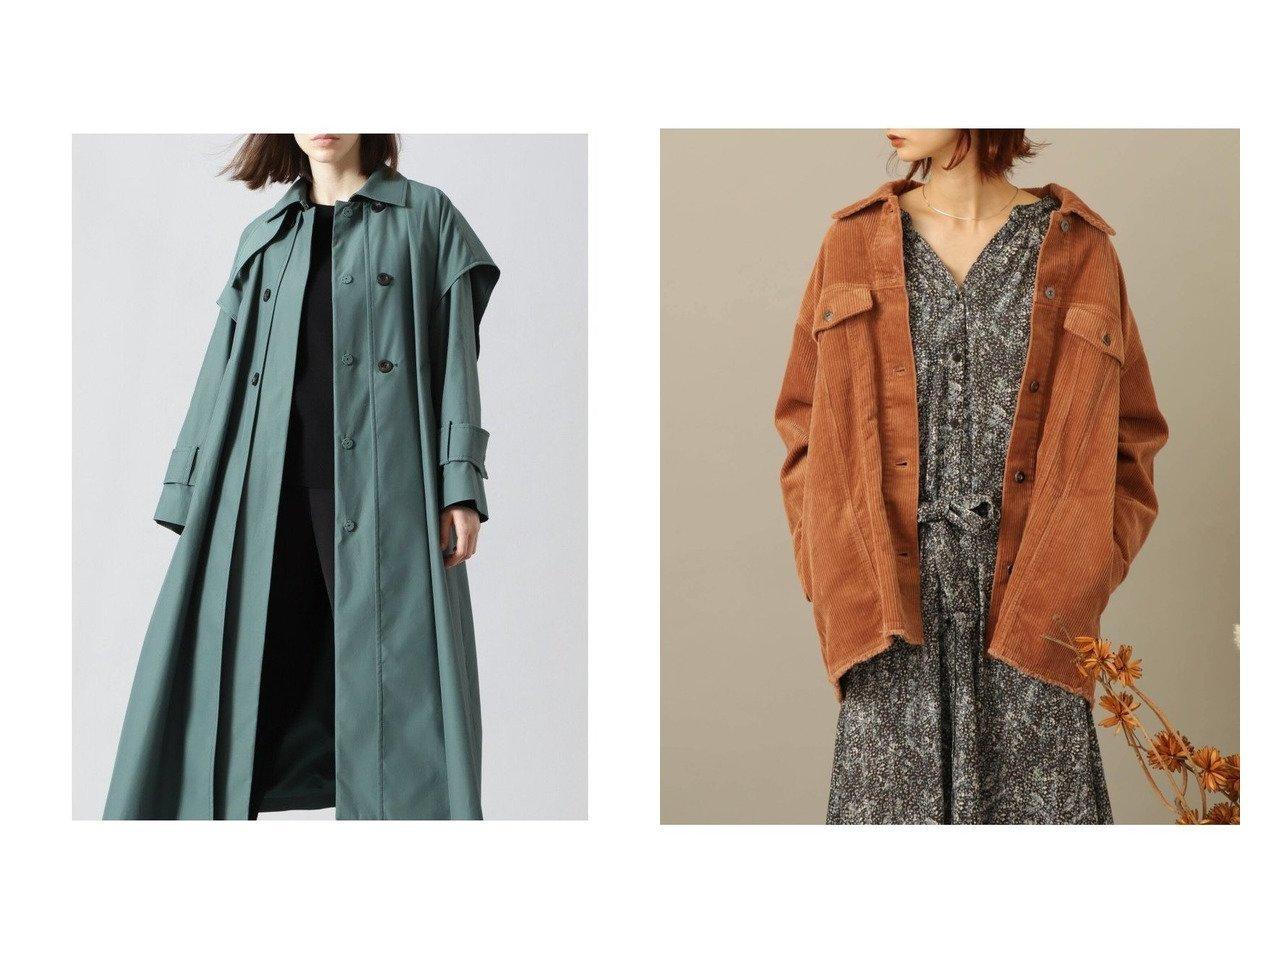 【SENSE OF PLACE / URBAN RESEARCH/センス オブ プレイス】のコーデュロイワークジャケット&【ADORE/アドーア】のレイヤードコート アウターのおすすめ!人気、トレンド・レディースファッションの通販 おすすめで人気の流行・トレンド、ファッションの通販商品 メンズファッション・キッズファッション・インテリア・家具・レディースファッション・服の通販 founy(ファニー) https://founy.com/ ファッション Fashion レディースファッション WOMEN アウター Coat Outerwear コート Coats ジャケット Jackets シャンブレー ジャケット ビッグ ロング コーデュロイ セットアップ ワイド 秋 Autumn/Fall |ID:crp329100000014497